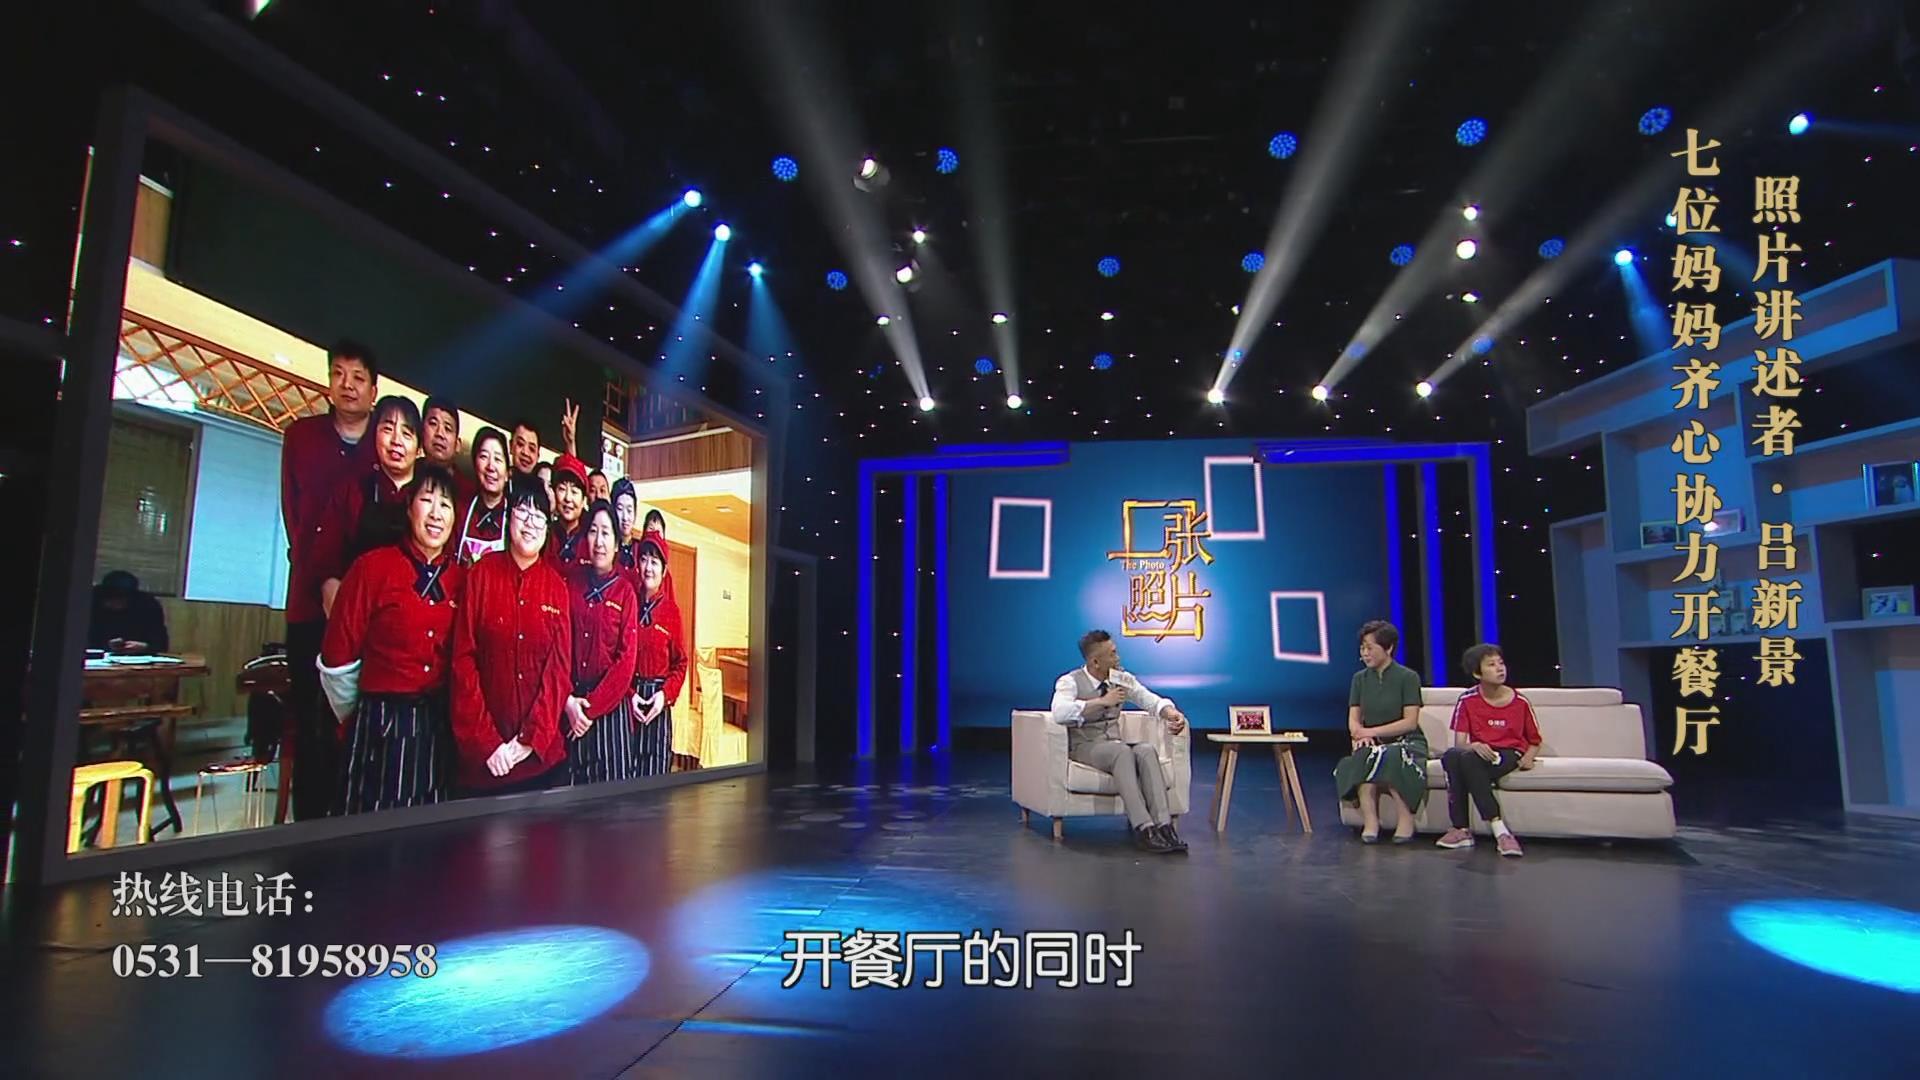 山东影视一张照片20190721播出吕新景